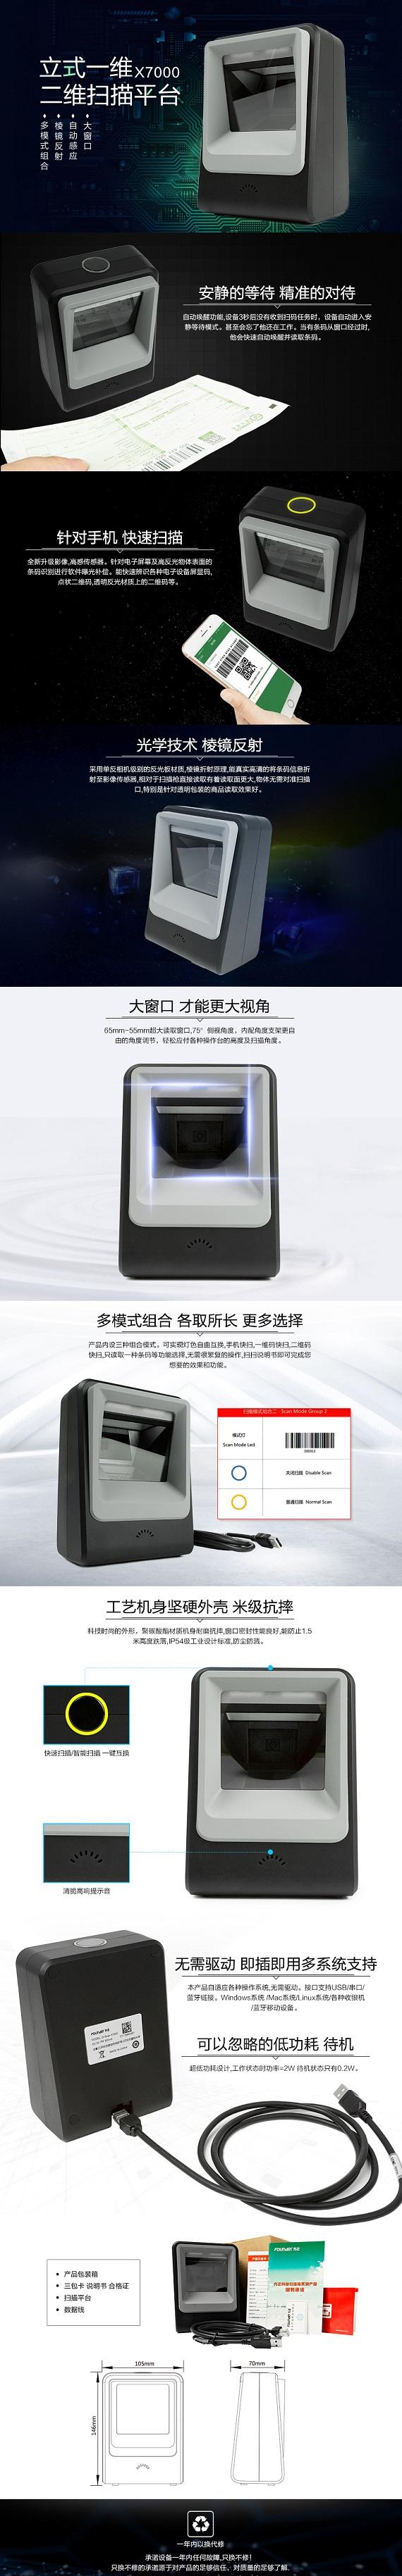 X7000详情页-950.jpg